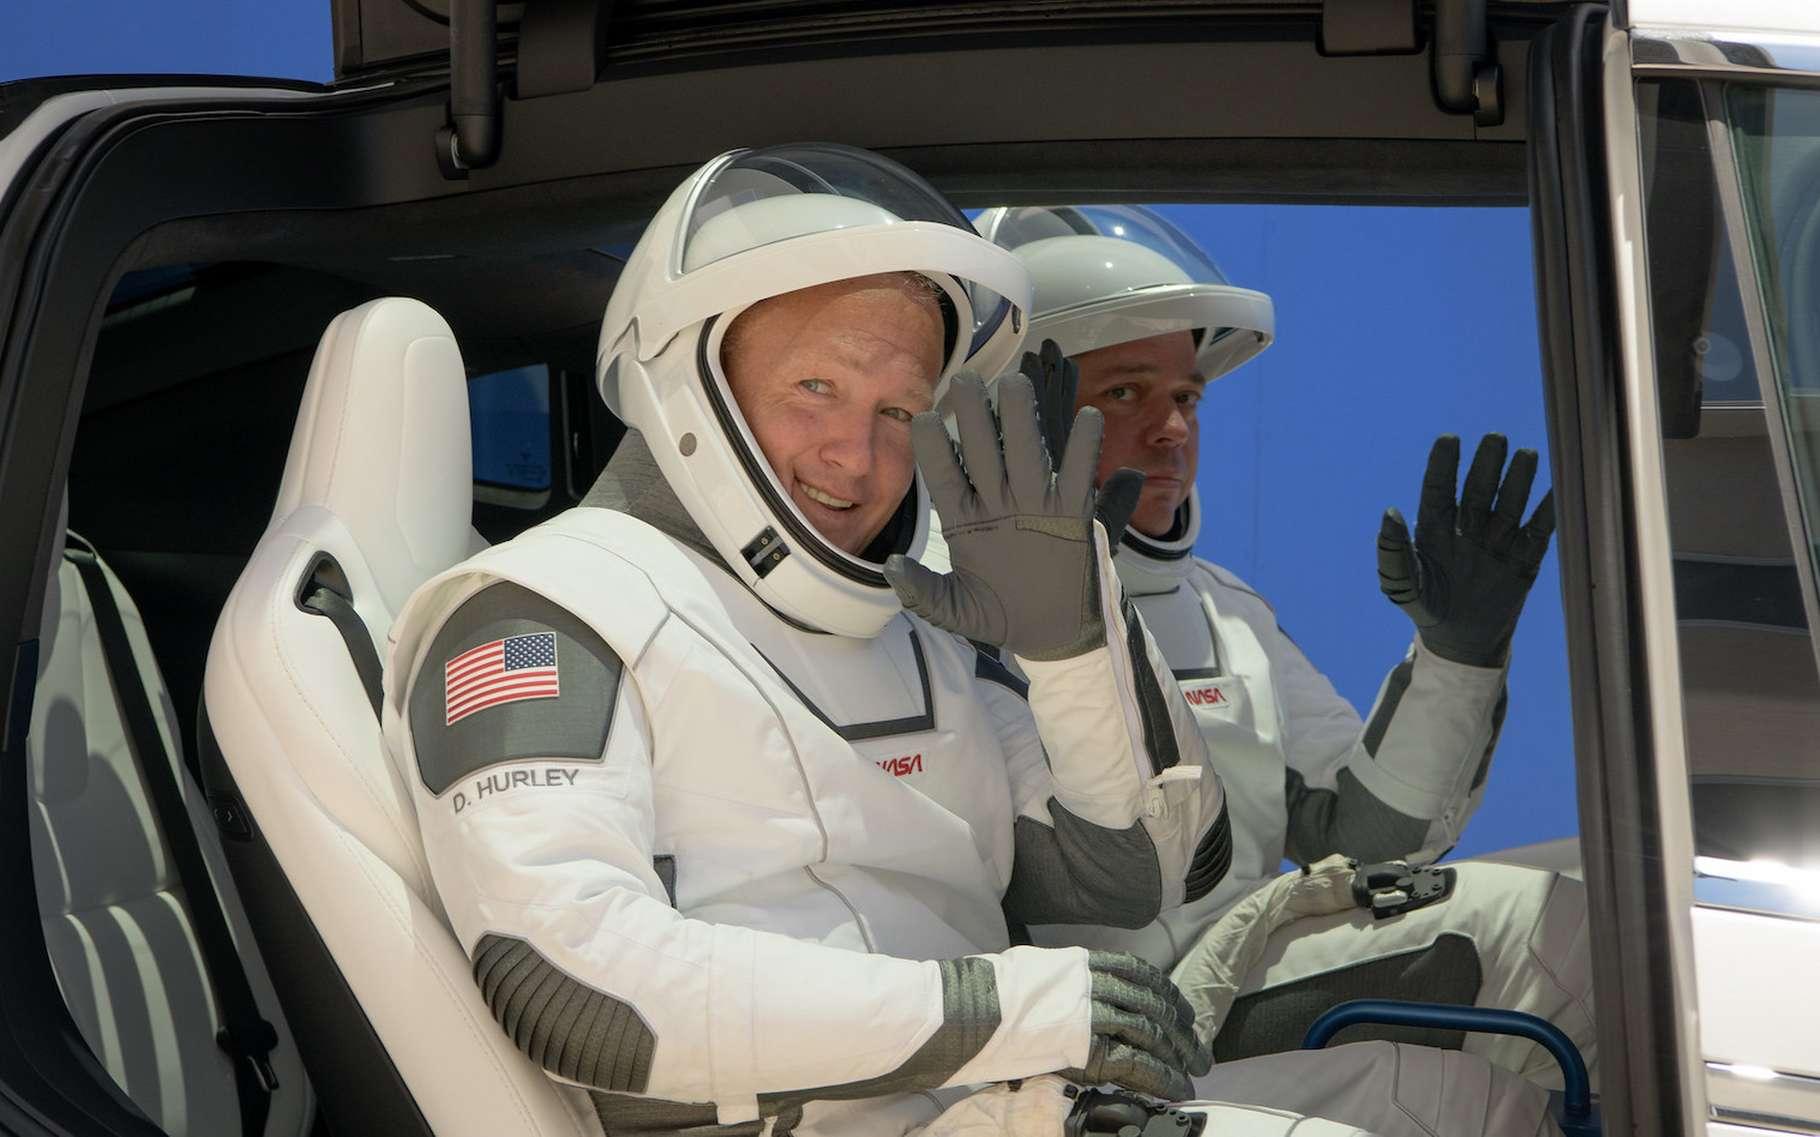 Robert Behnken — à l'arrière-plan — et Douglas Hurley — au premier plan — seront les deux astronautes à bord du Crew Dragon de SpaceX qui s'envolera vers la Station spatiale internationale ce mercredi 27 mai 2020. Ils portent ici les nouvelles combinaisons spatiales conçues aussi par Space X. © Nasa